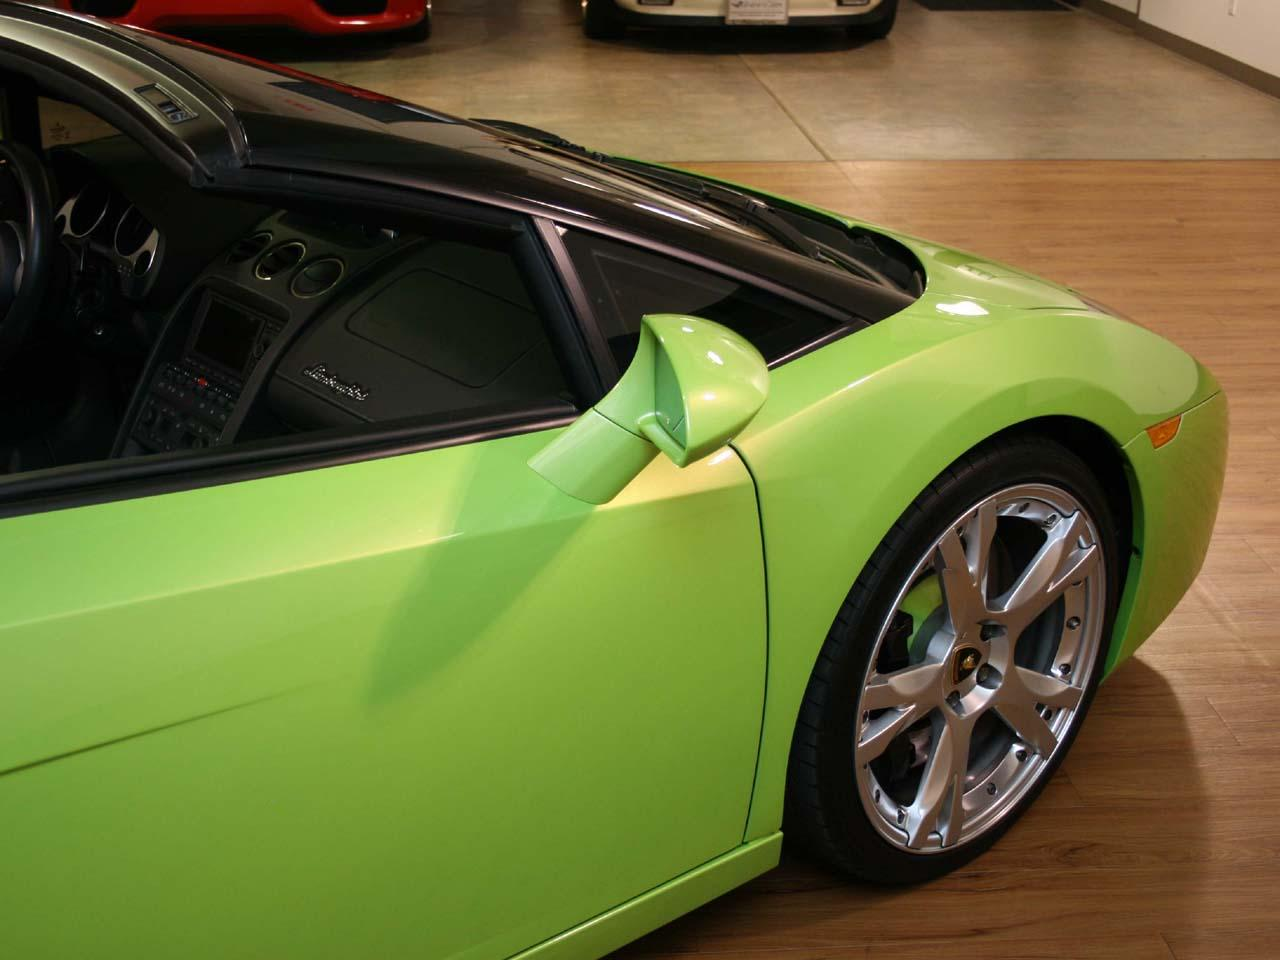 2008 Lamborghini Gallardo Spyder E Gear